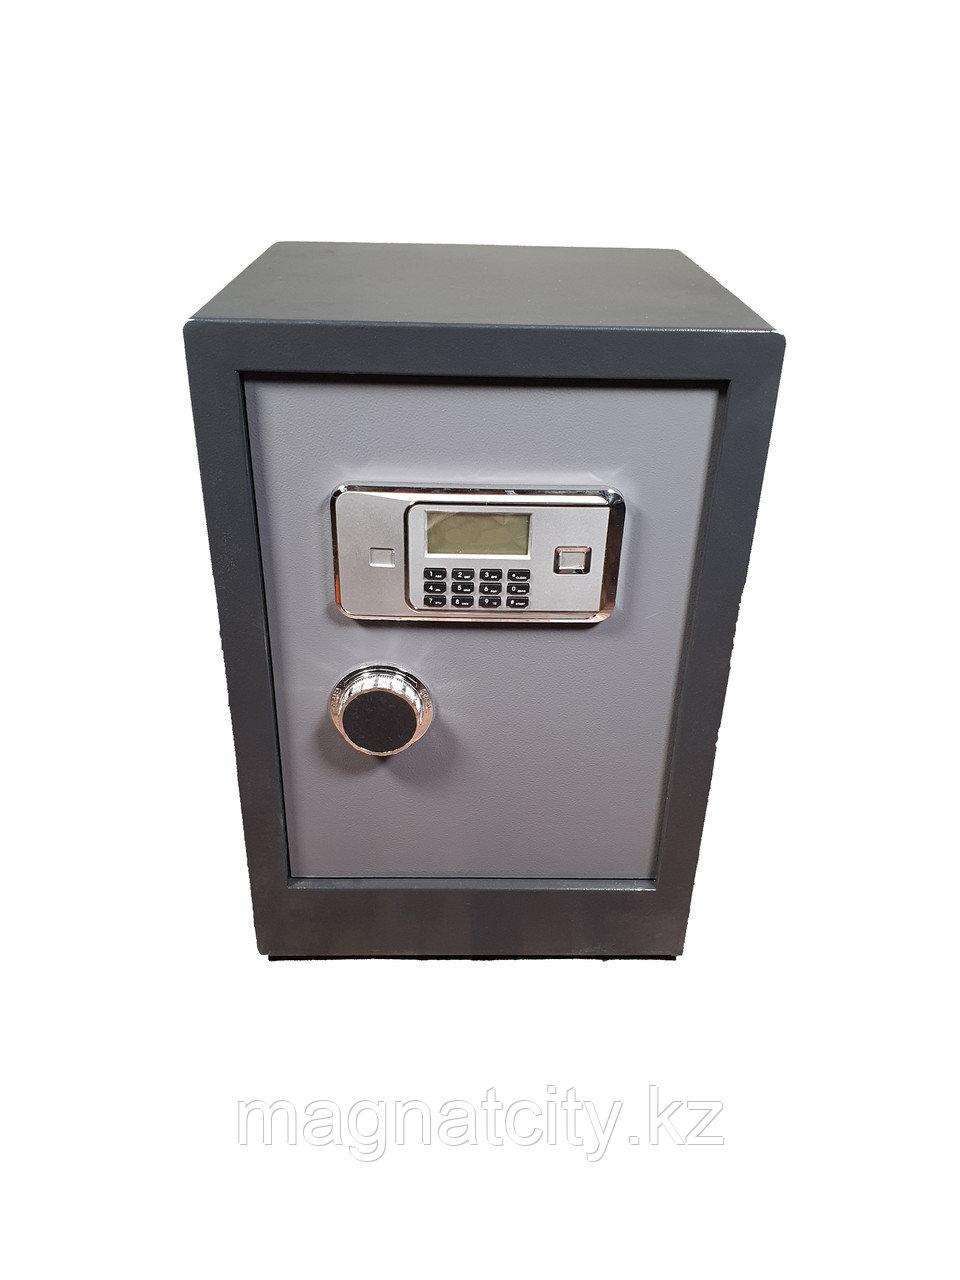 Сейф мебельный 60GB (60*37*34см, 26кг.)